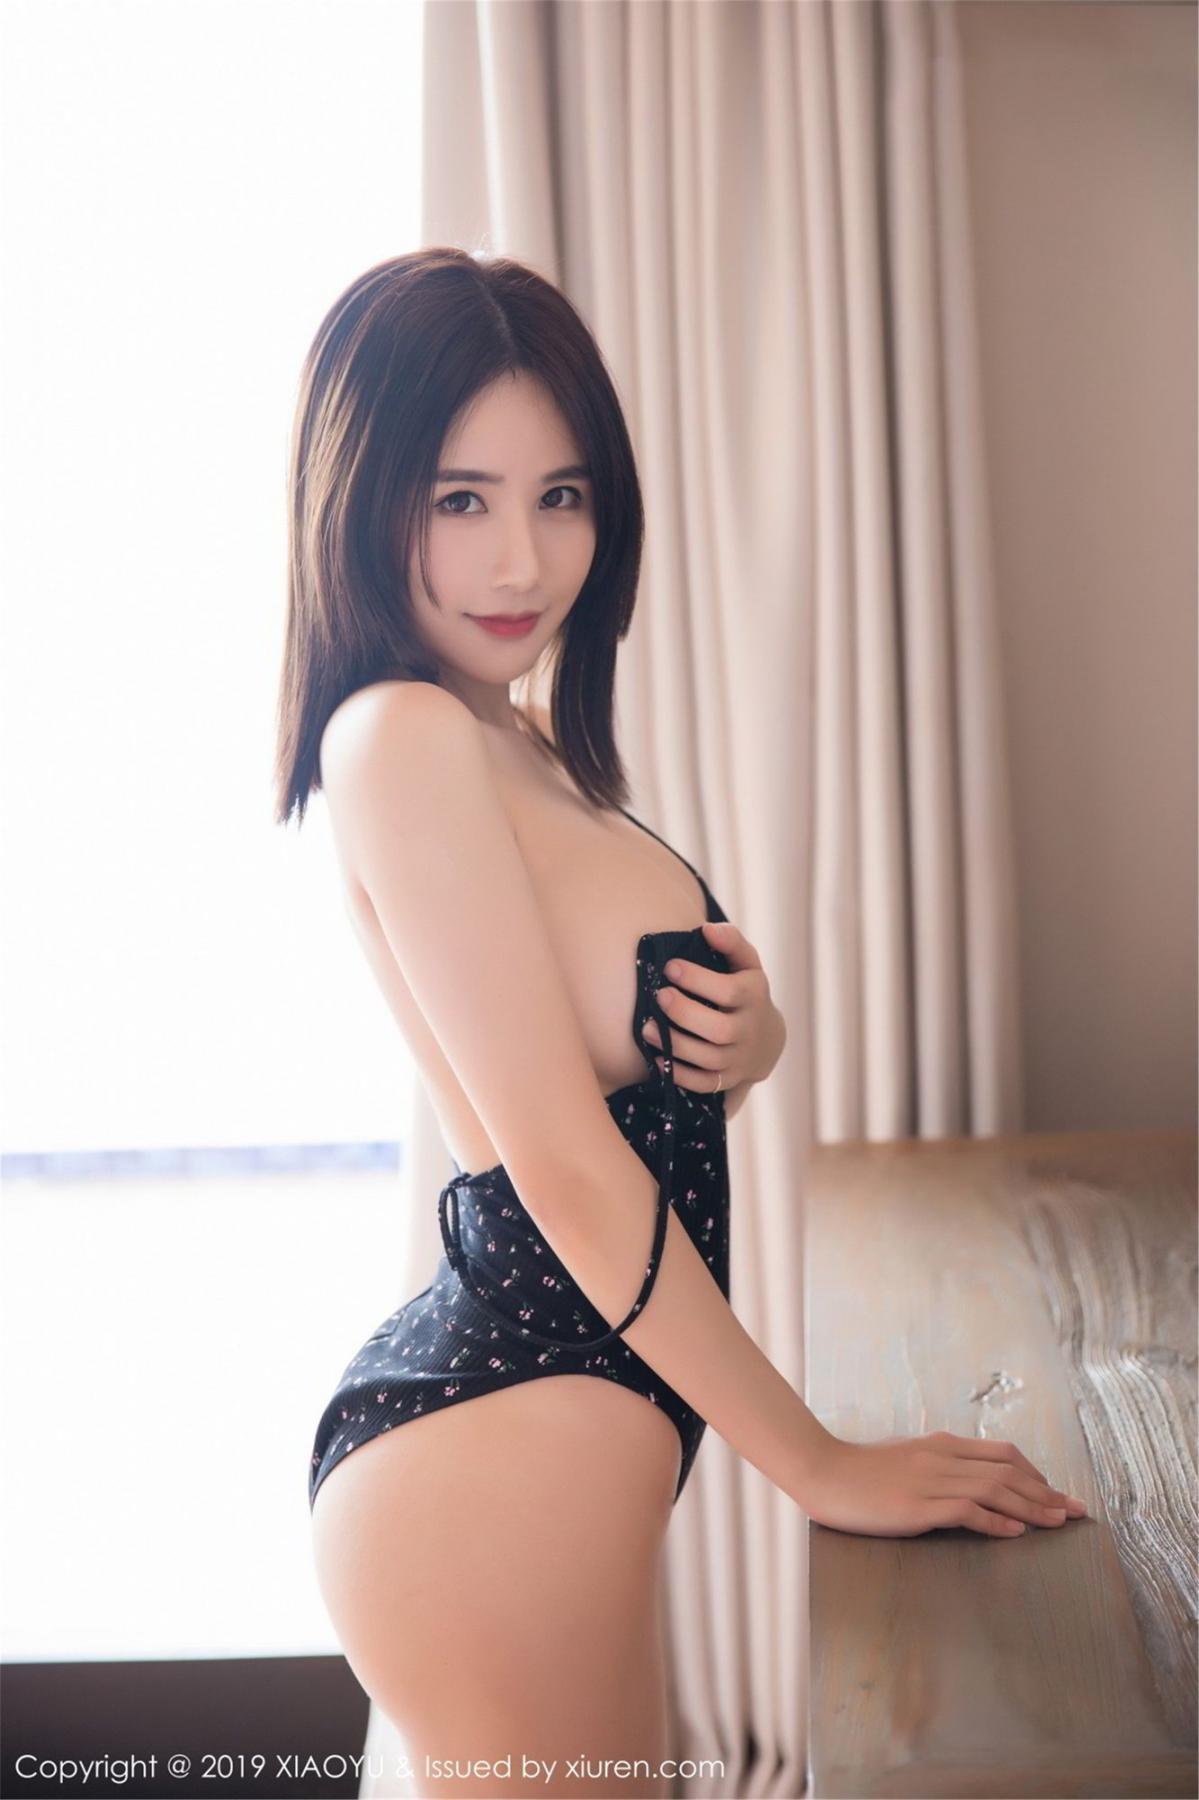 [XiaoYu] Vol.069 Xiao Mo Lin 54P, Lin Lin Ailin, Sexy, XiaoYu